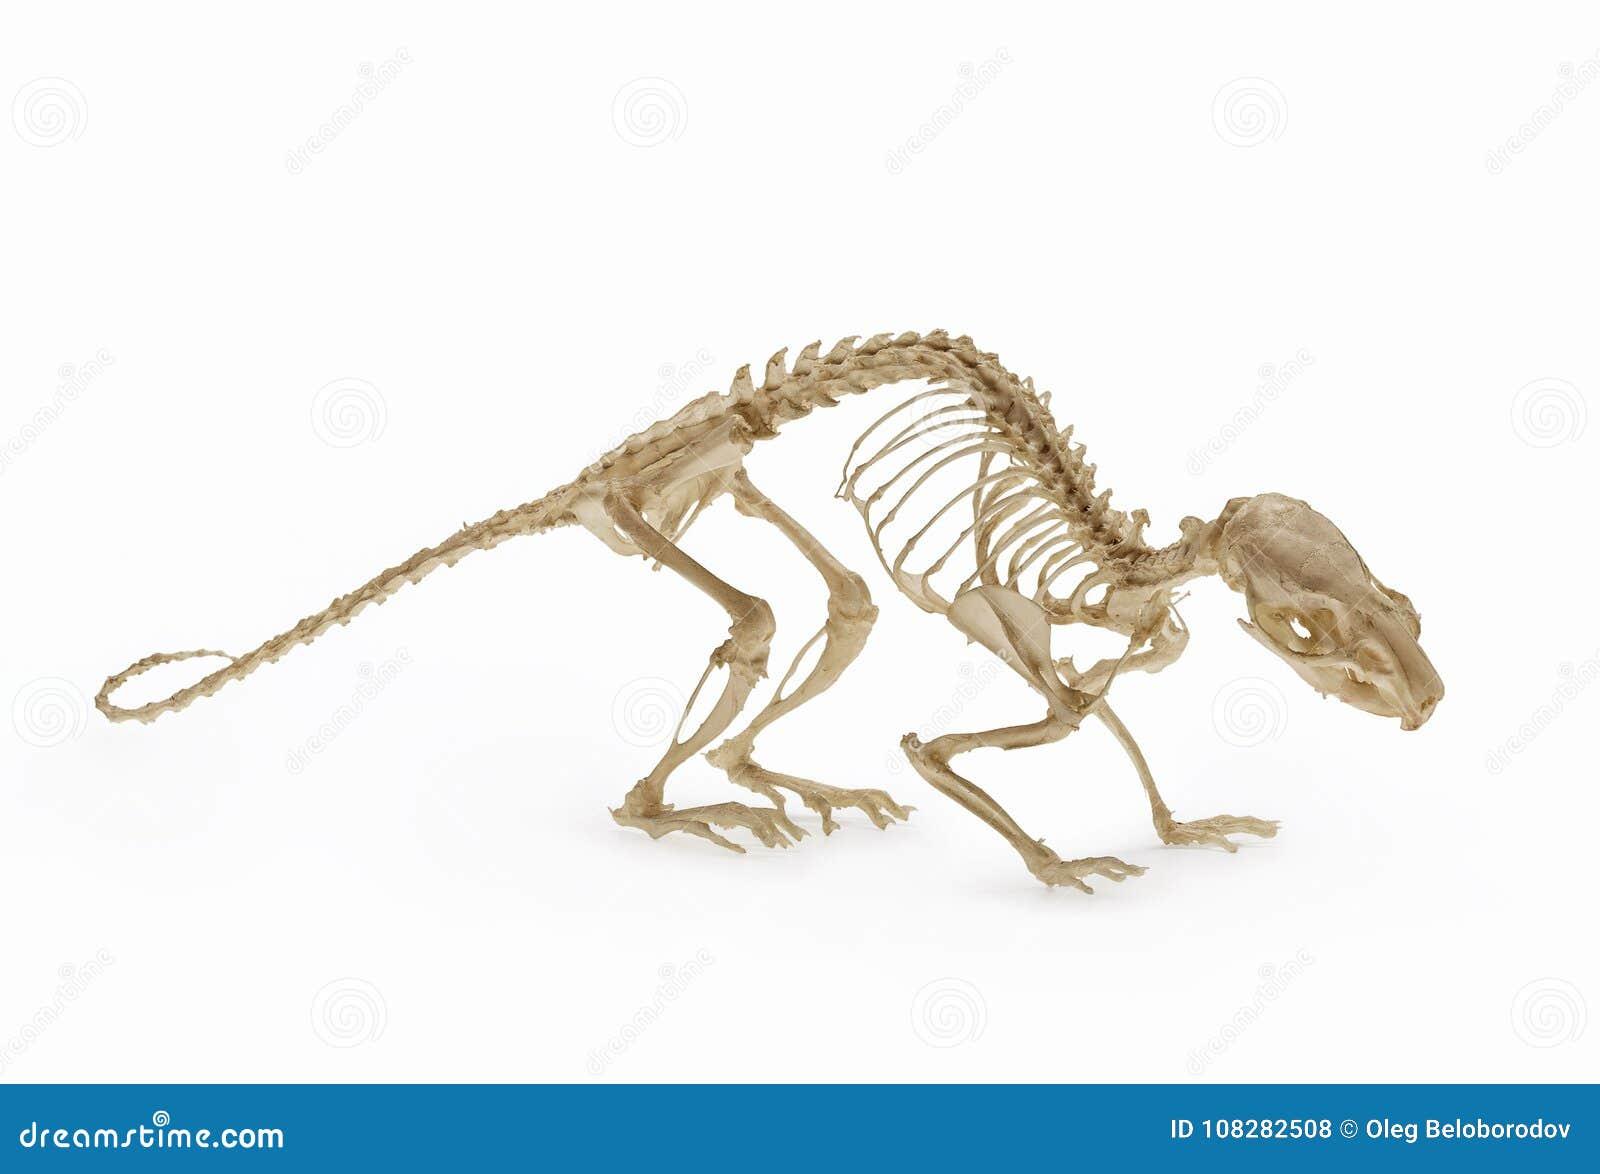 Skelett Der Ratte, Eine Zulage Nagetierzoologie Stockfoto - Bild von ...